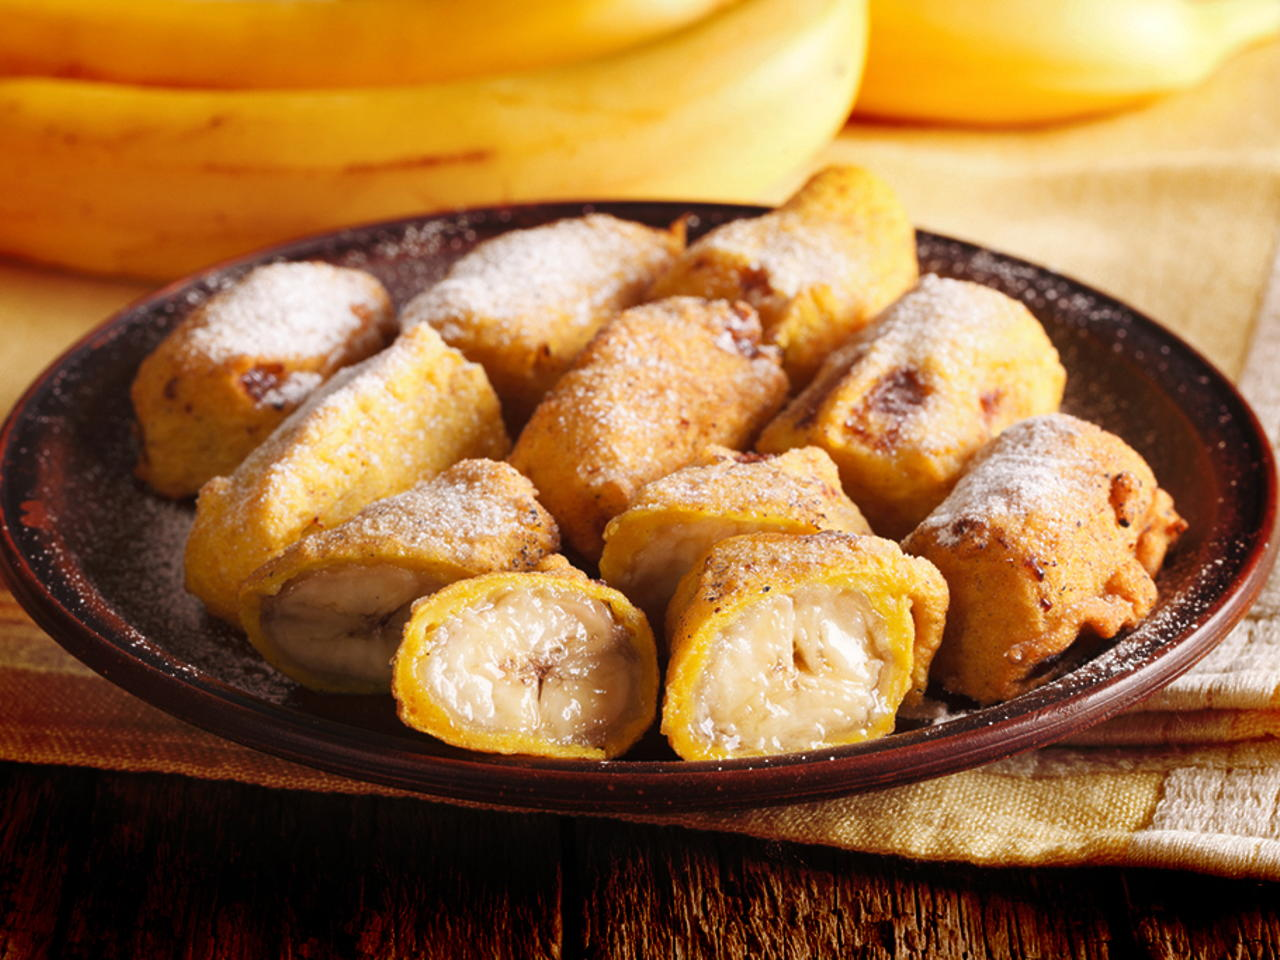 banana empanada